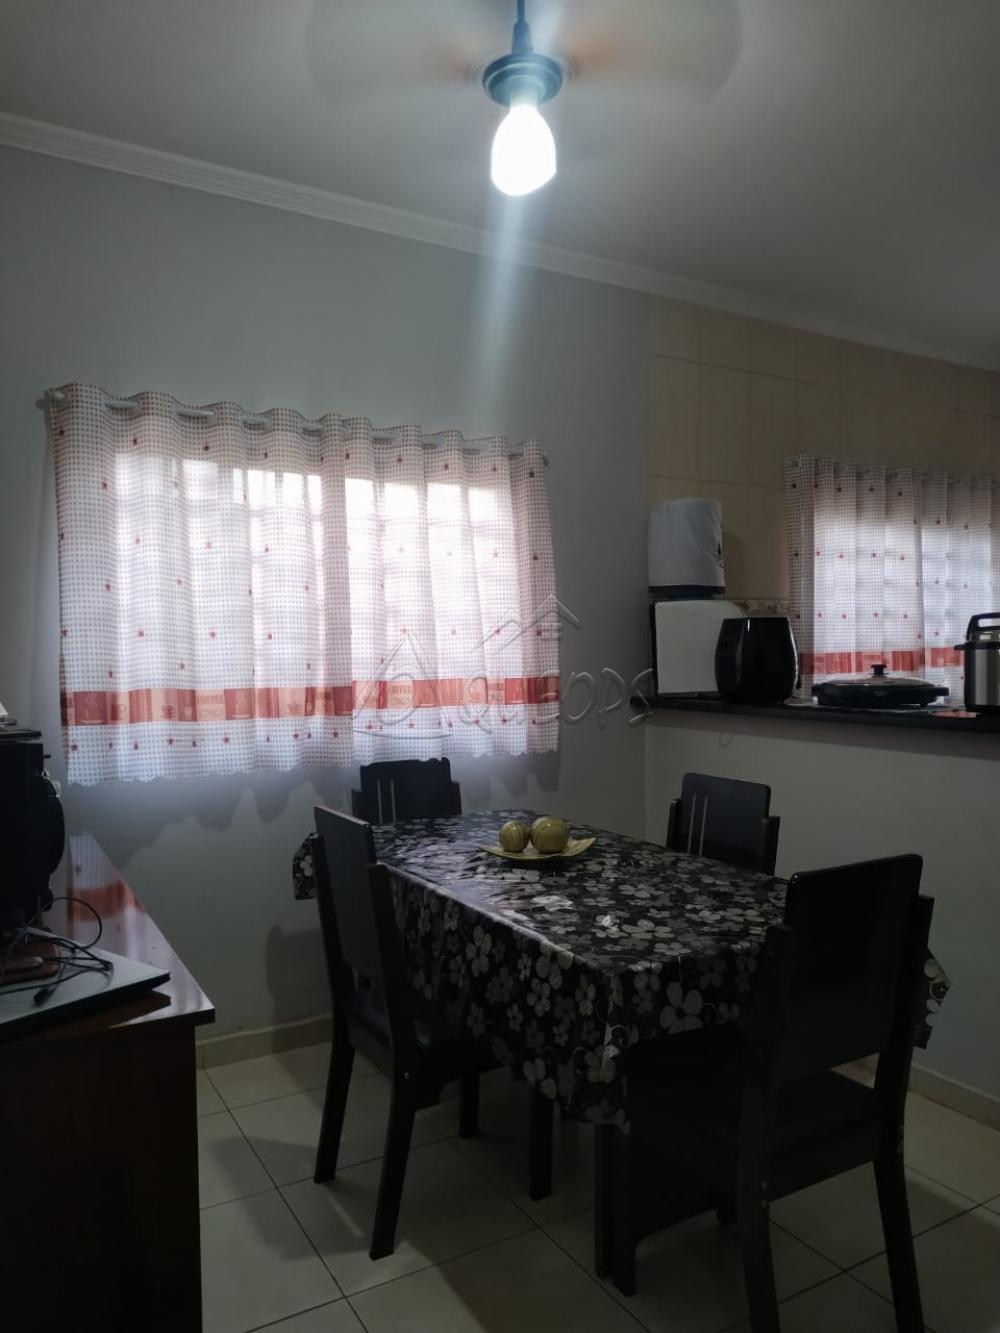 Comprar Casa / Padrão em Barretos apenas R$ 270.000,00 - Foto 5